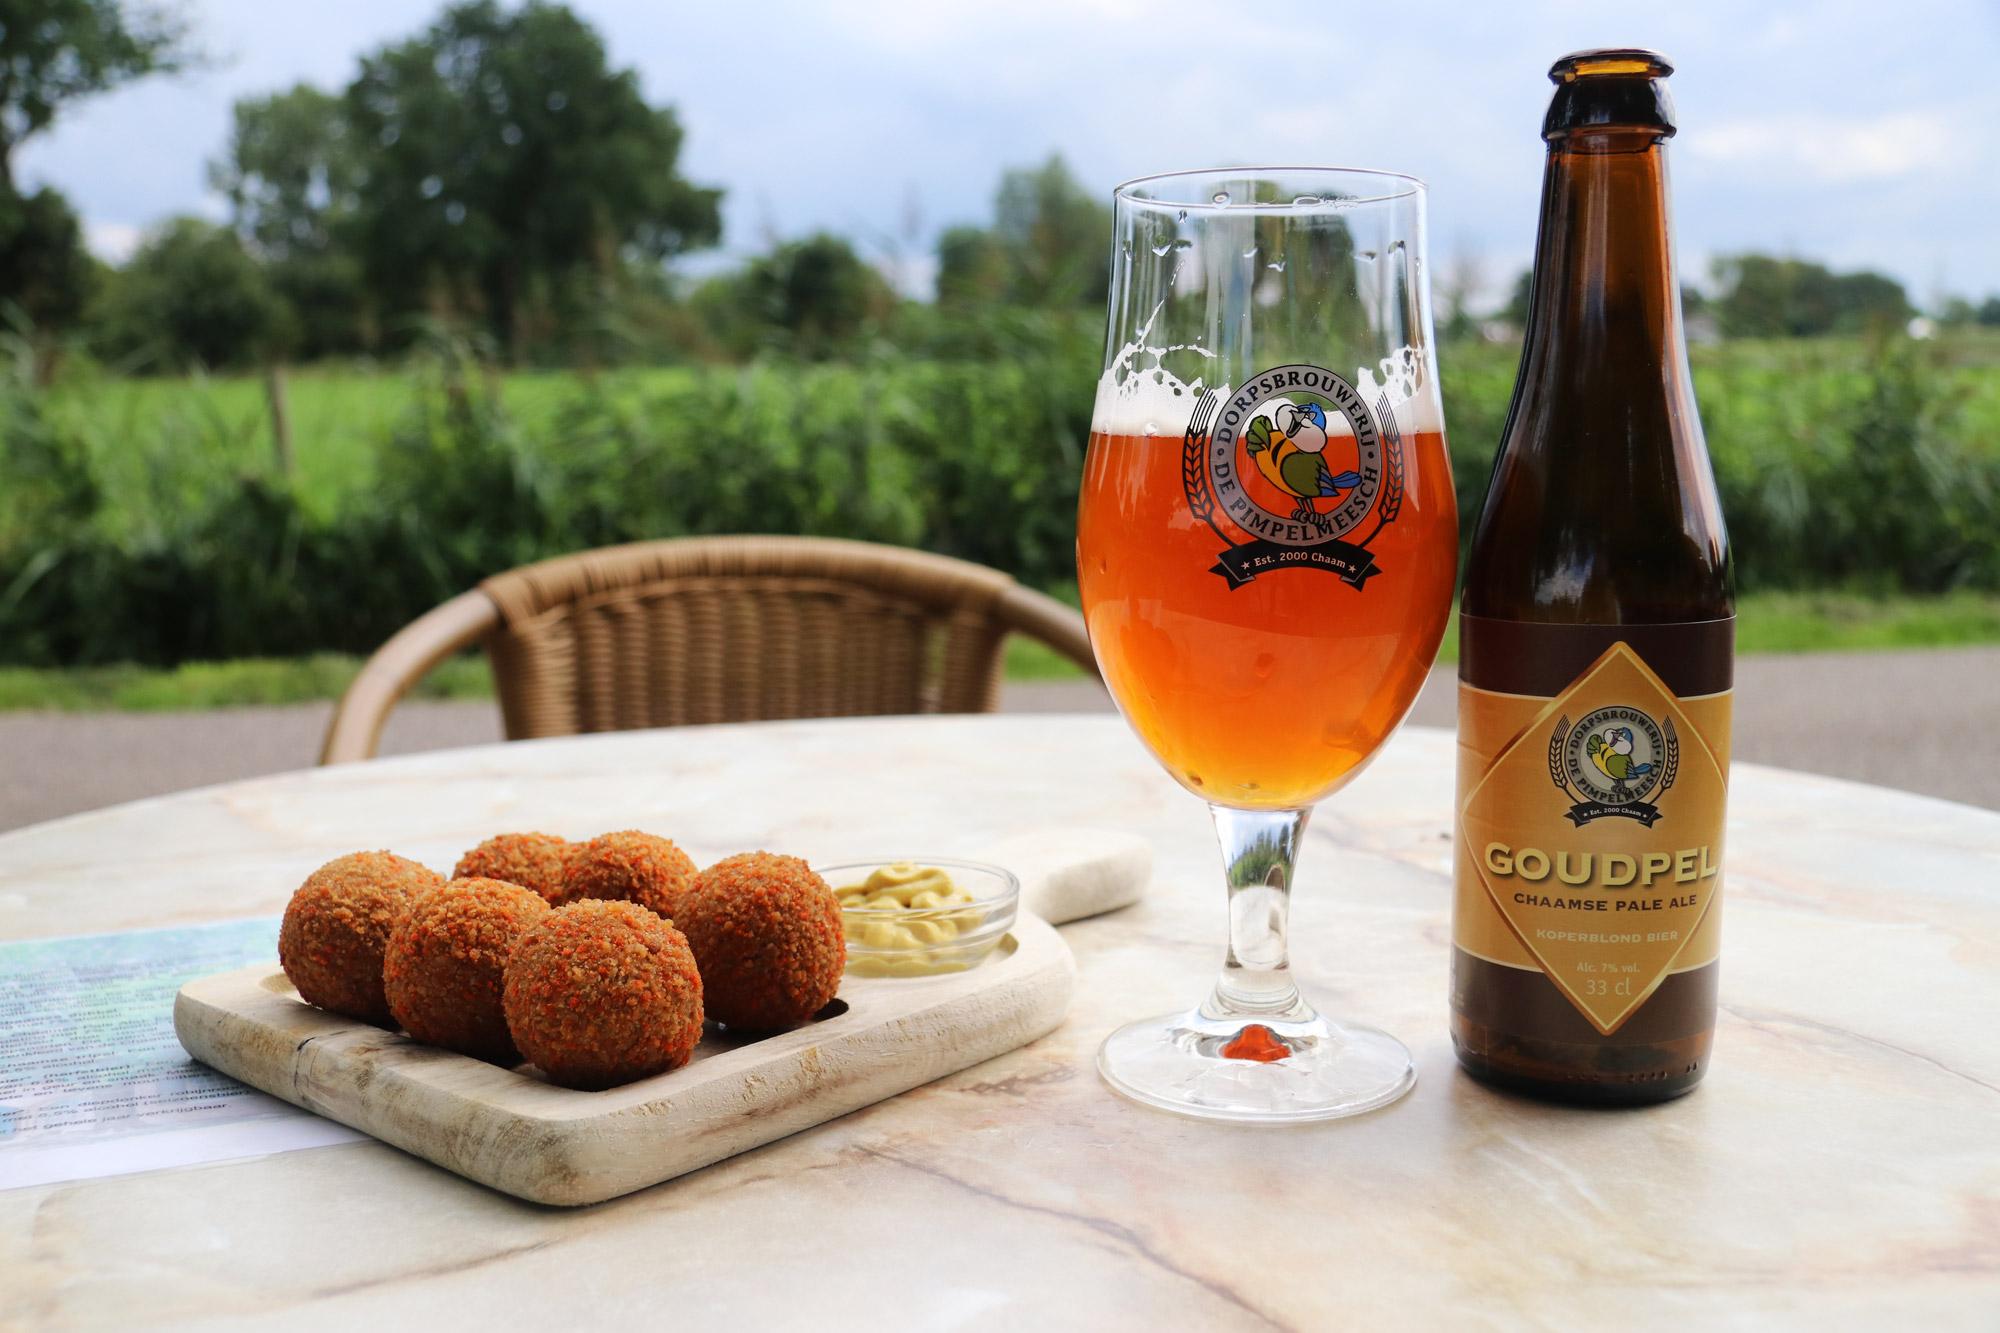 Een vreemd Nederlands/Belgisch dorp: Baarle - Een biertje bij de Pimpelmeesch